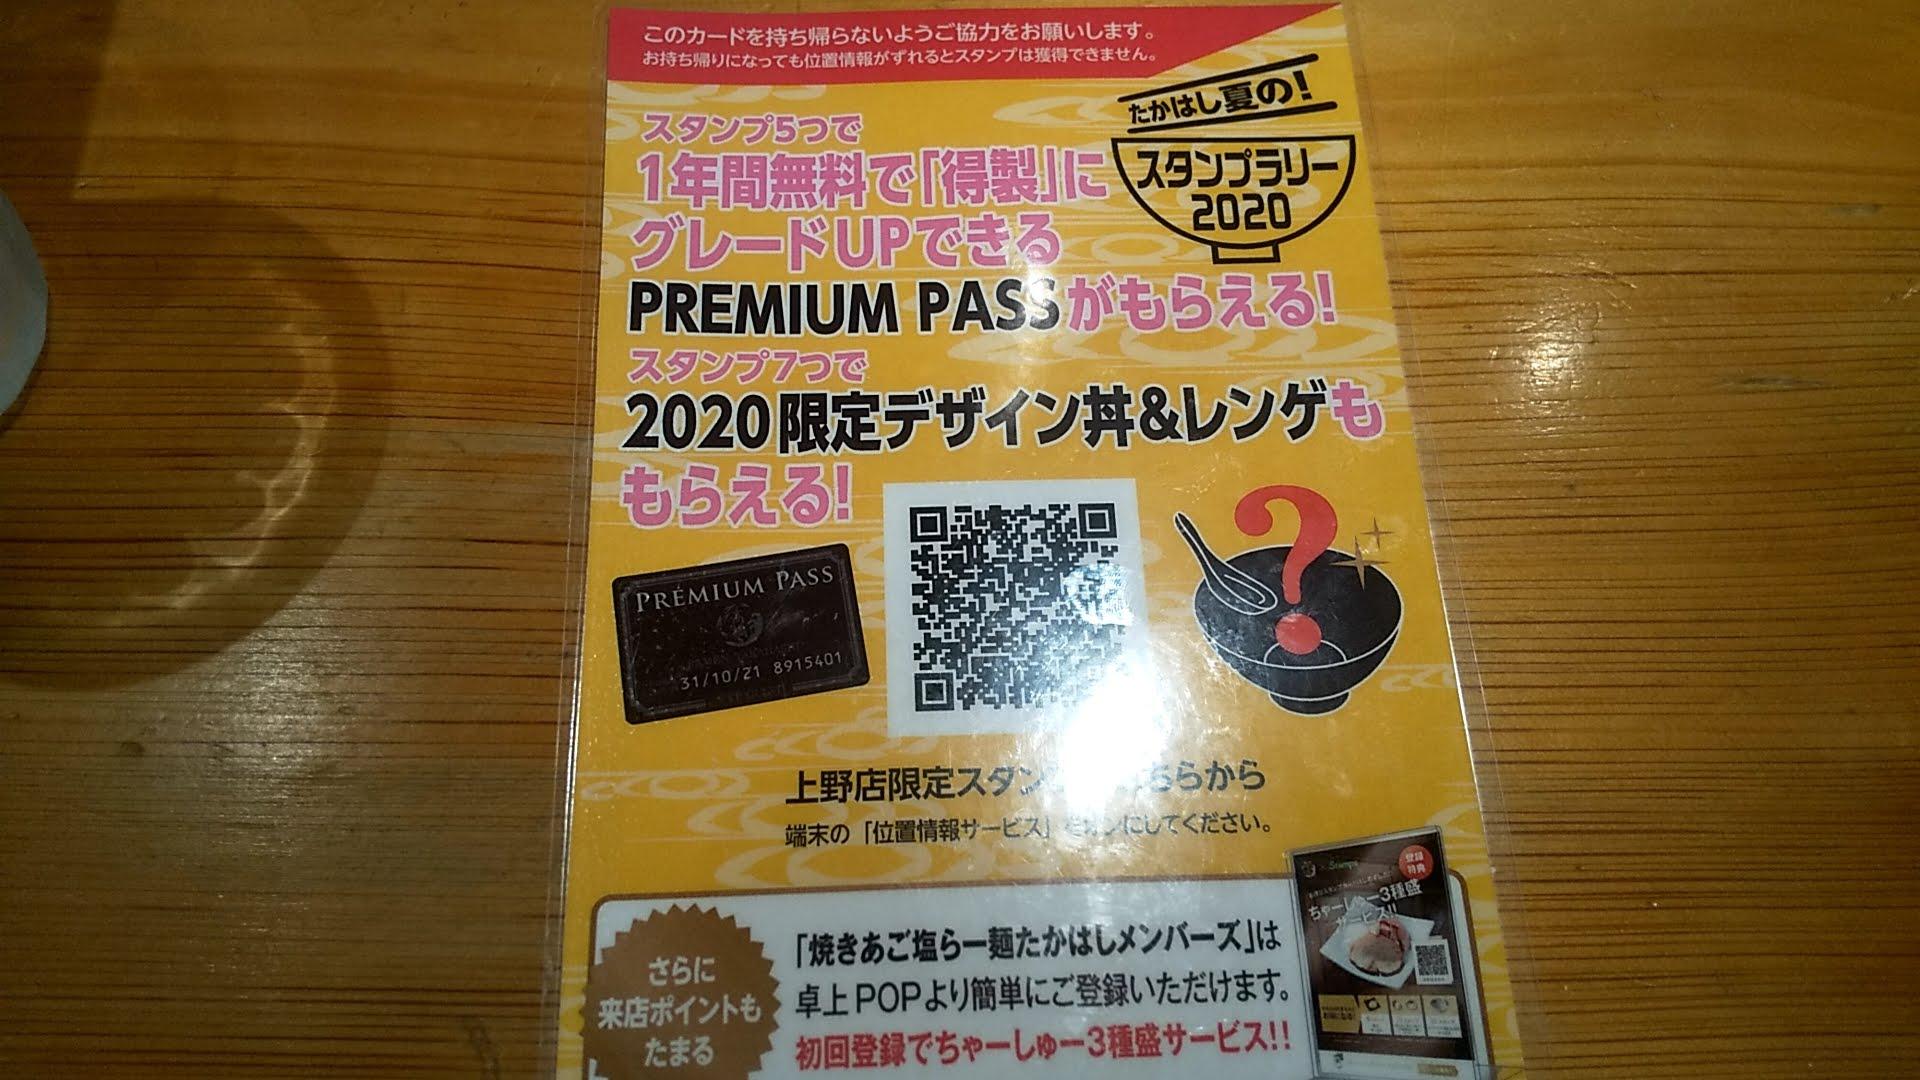 たかはし上野店でやっているキャンペーンのチラシ